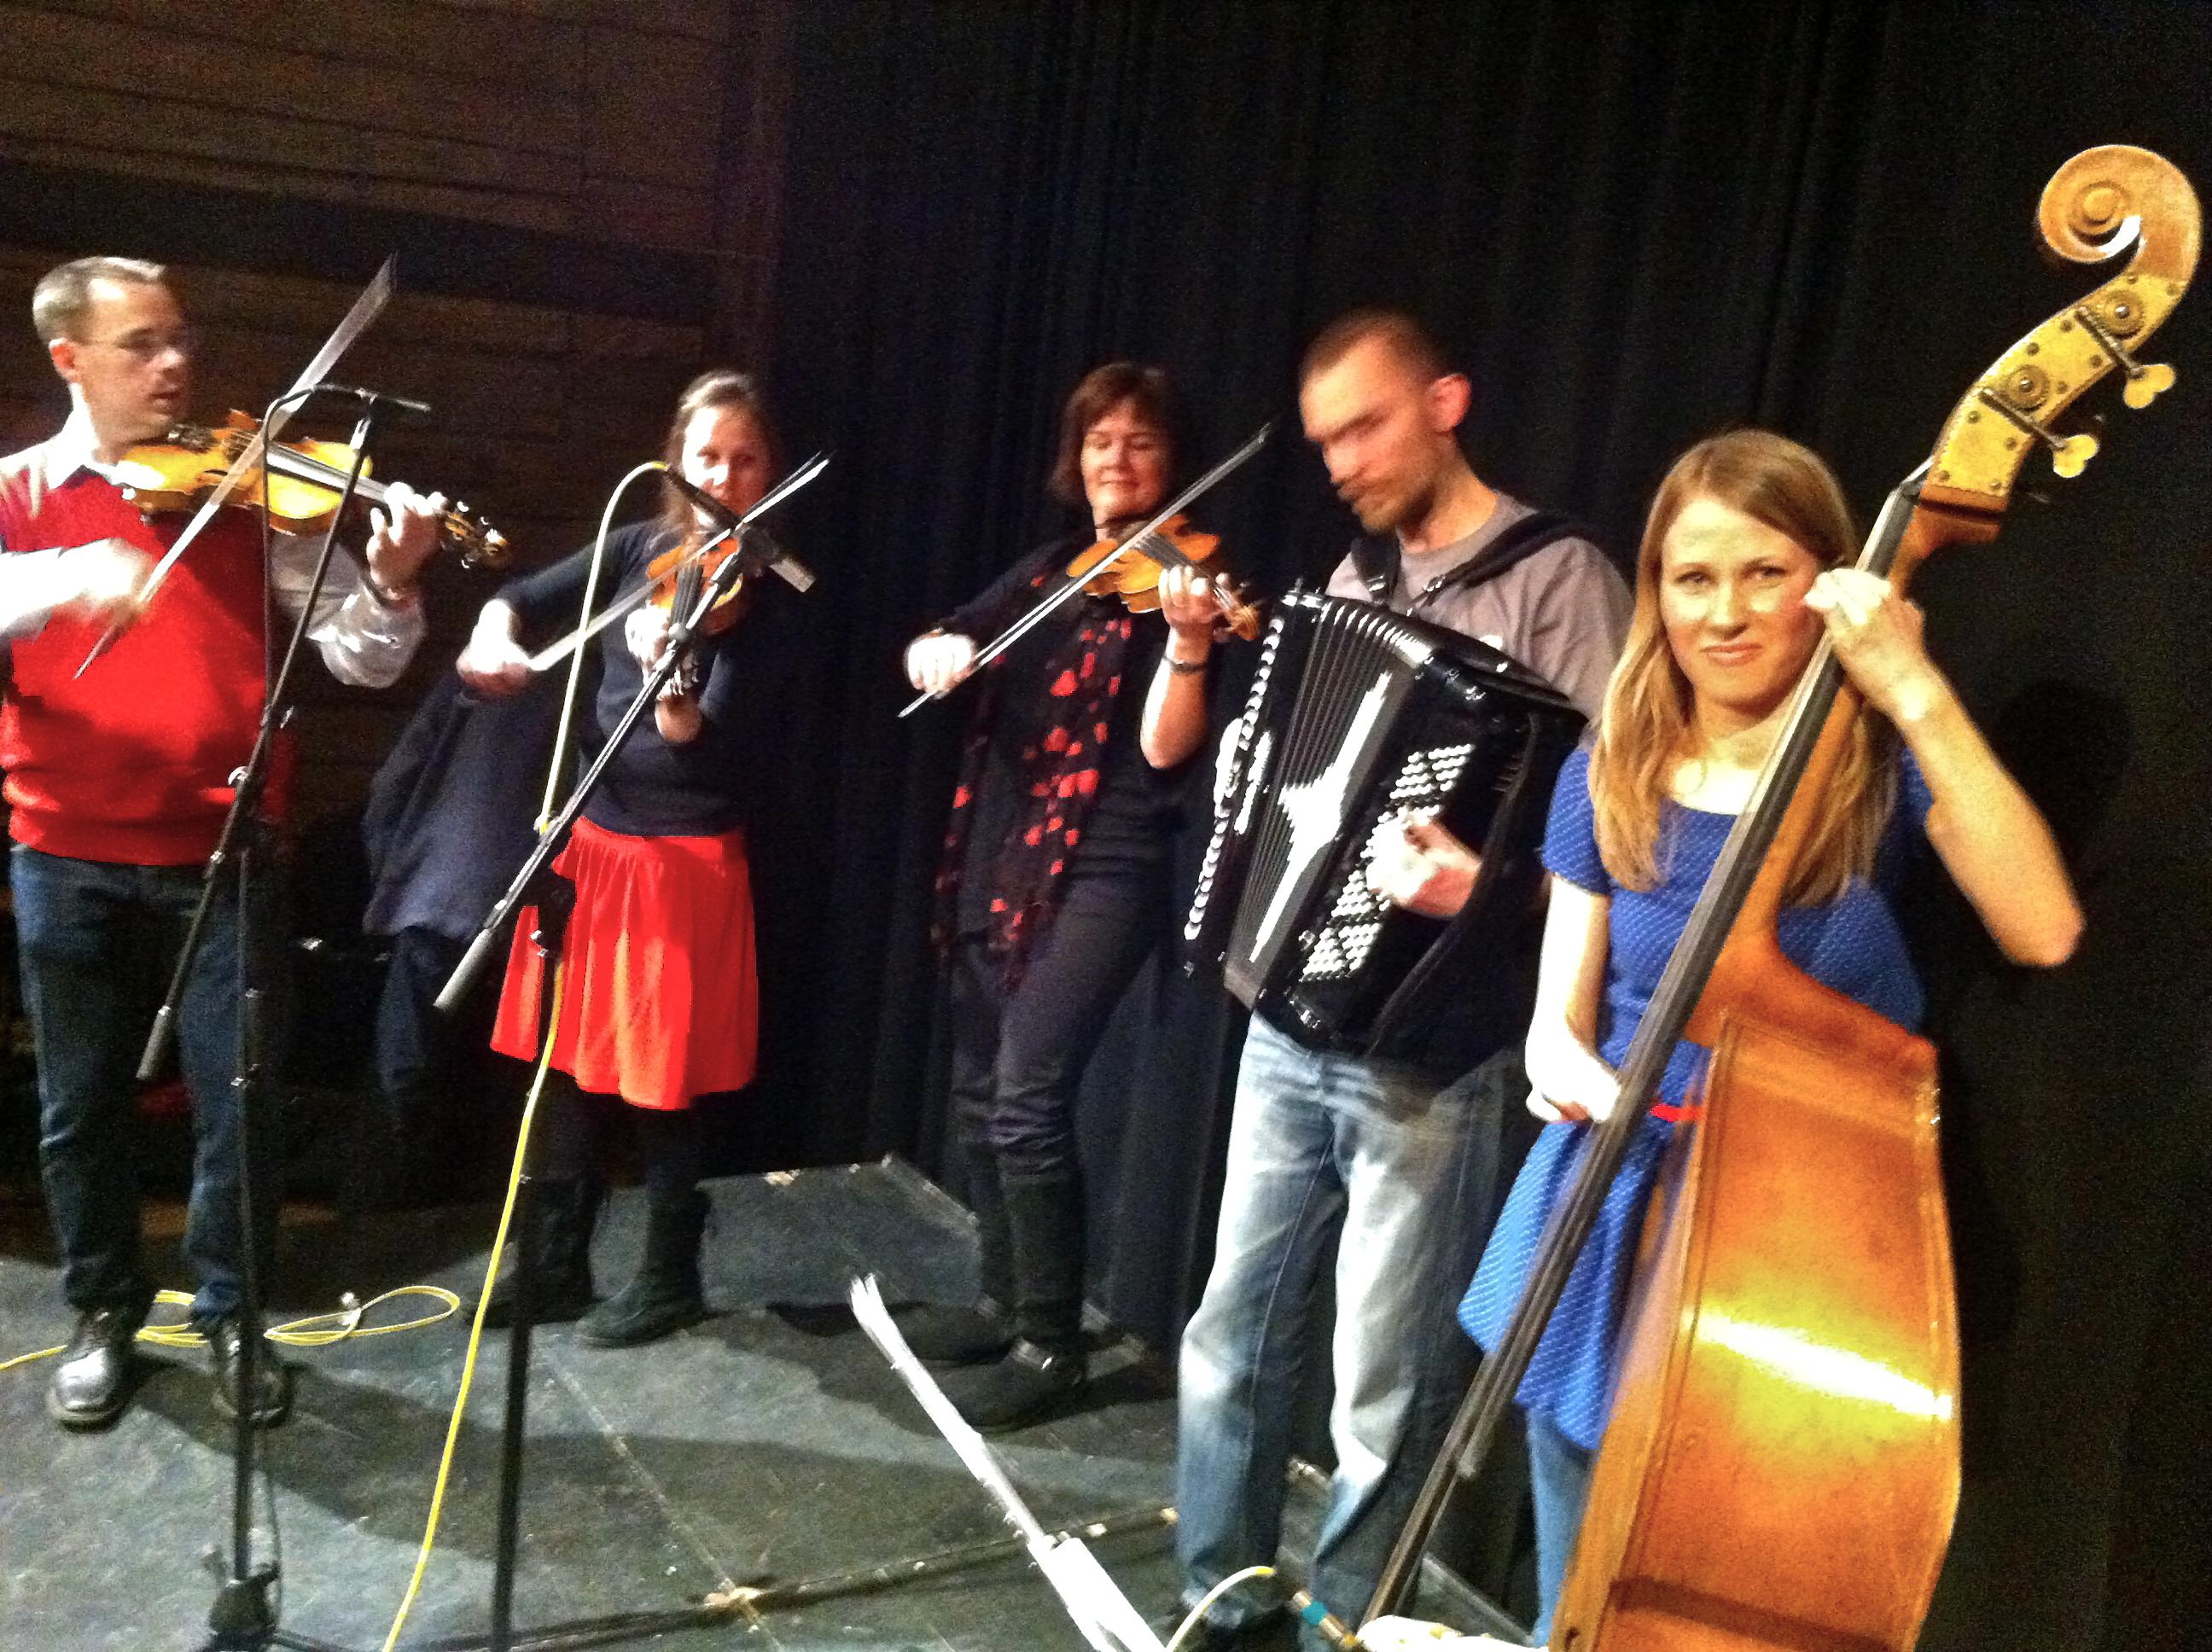 Ad Hoc Orkestern